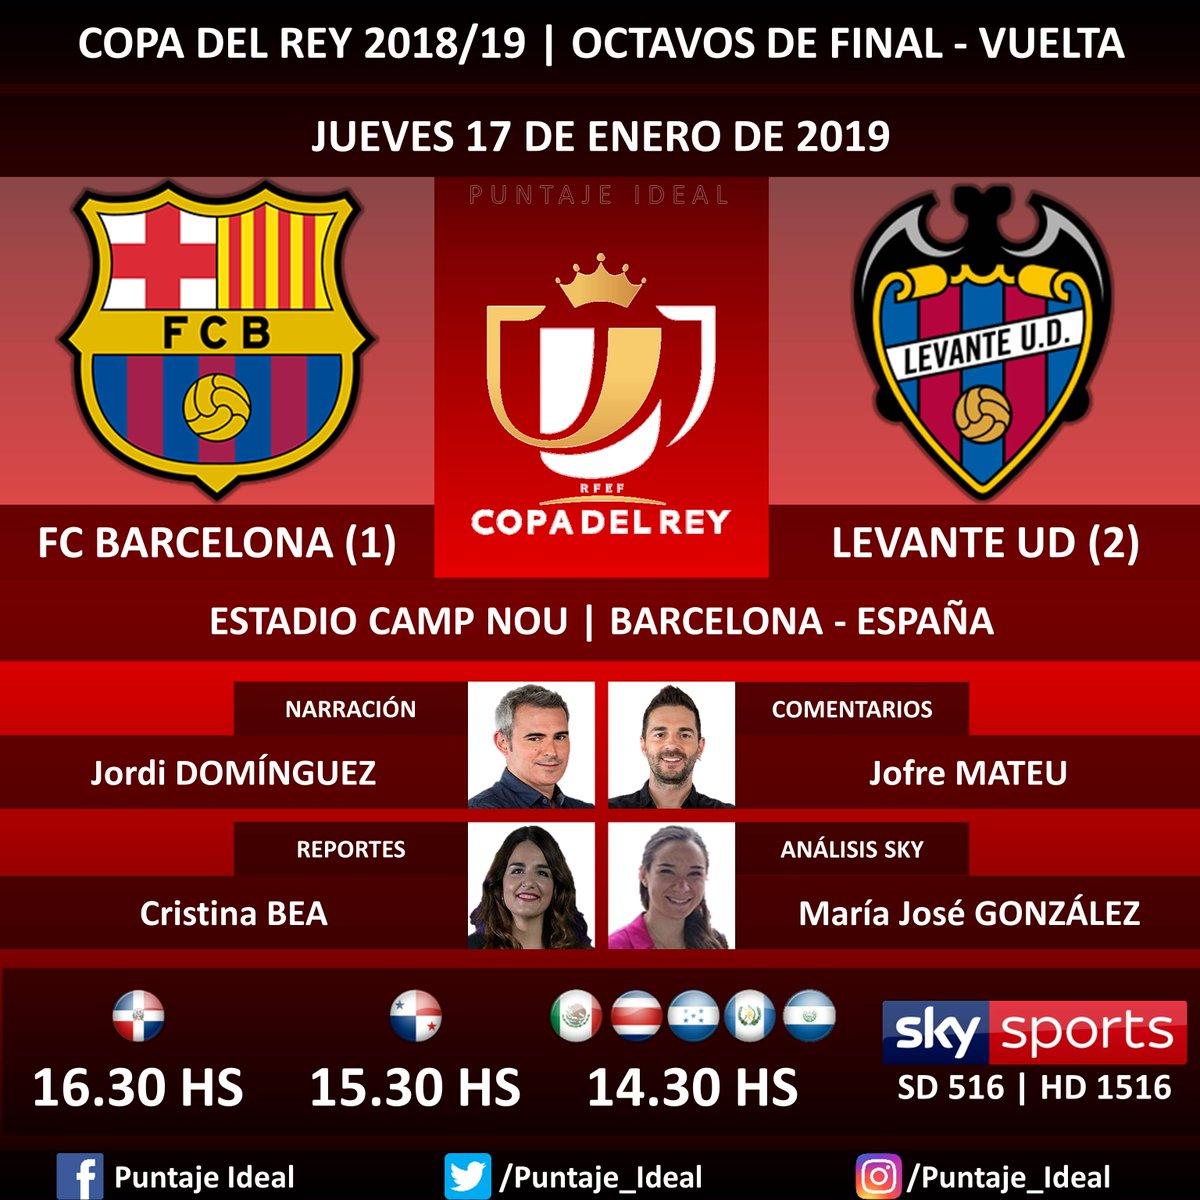 ⚽ #FútbolPorSKY   #FCBarcelona vs. #LevanteUD 🎙 Narración: @jdominguezfd  🎙 Comentarios: @JofreM11  🎙 Reportes: @_cristinabea  🎙 Análisis SKY Sports: @MajolaB  📺 TV: #SKYSports (516 - 1516 HD) 🤳 @futbolporsky - #CopaDelRey 🇪🇸 - #BarçaLevante  Dale RT 🔃